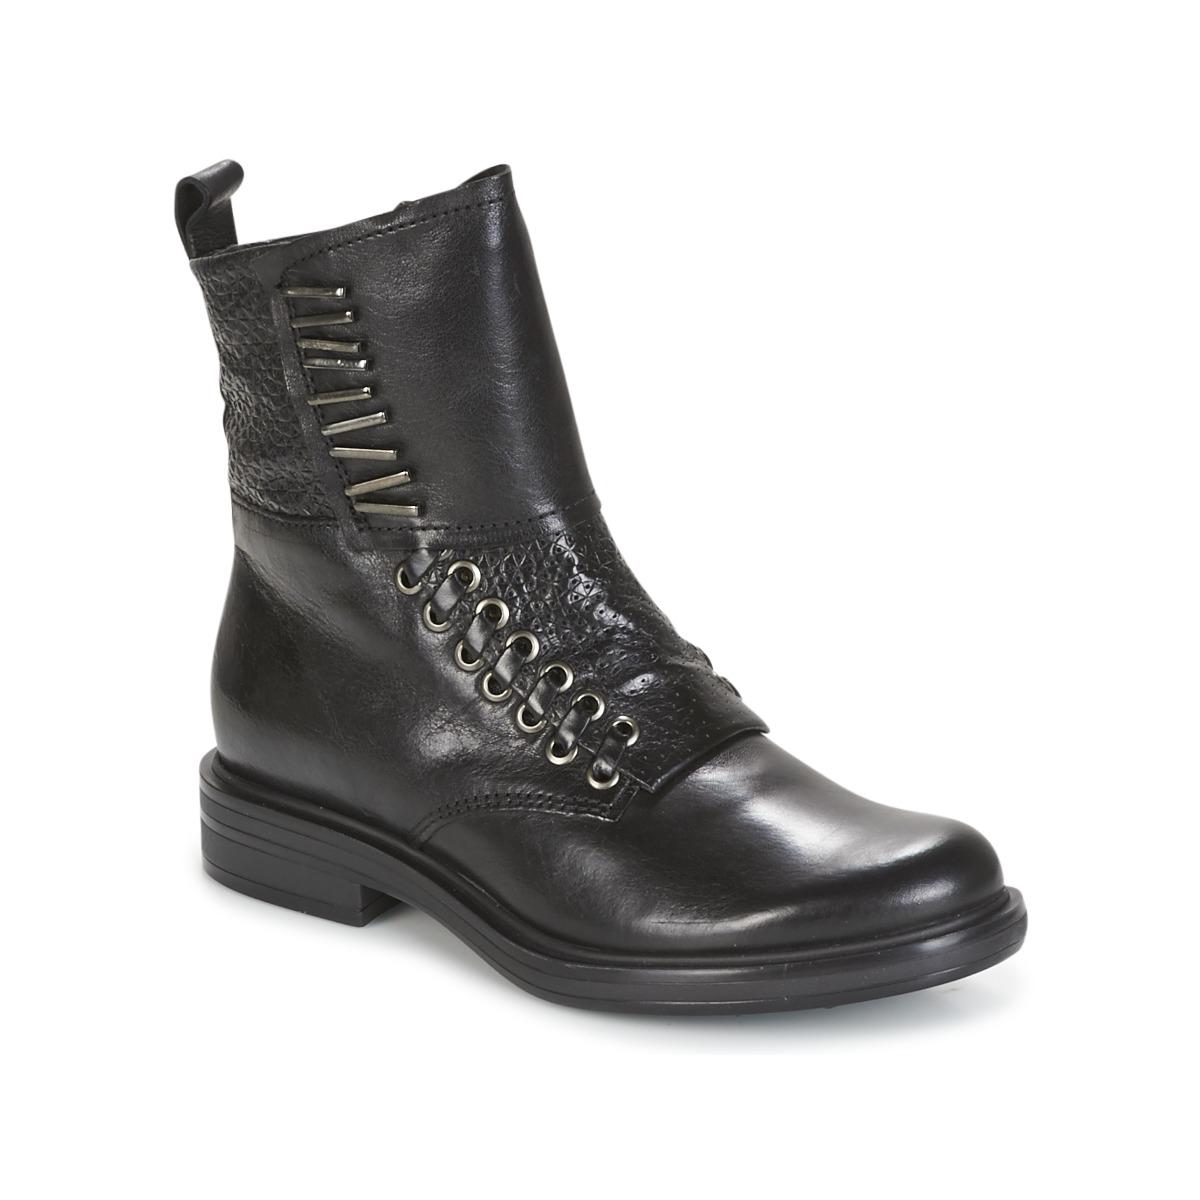 Mjus CAFE Schwarz - Kostenloser Versand bei Spartoode ! - Schuhe Boots Damen 127,20 €